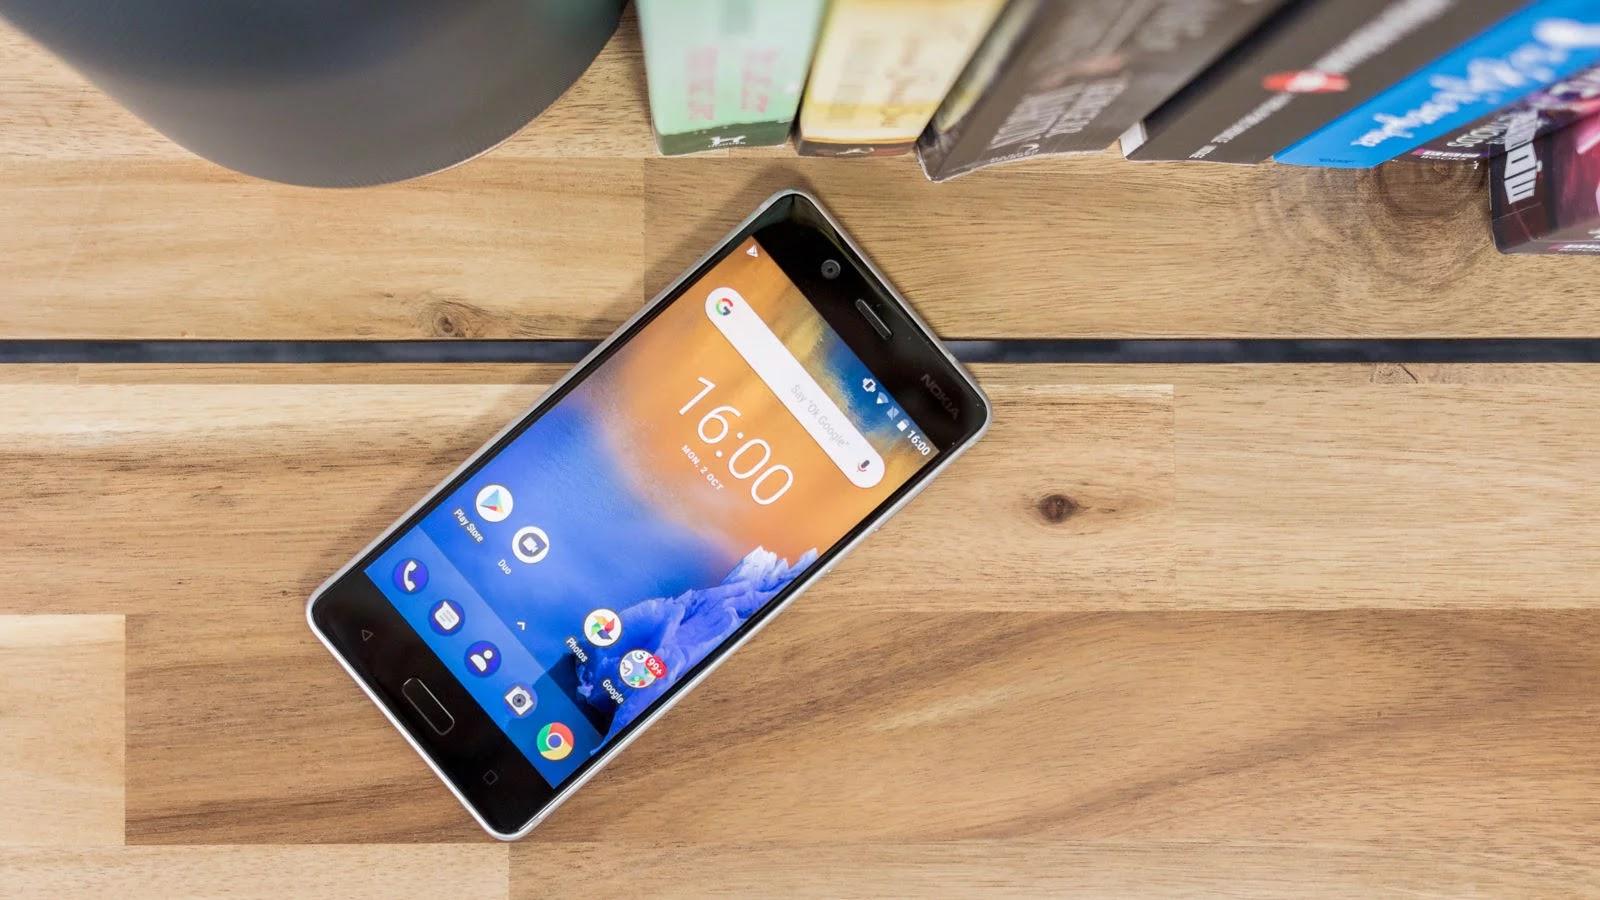 Review Nokia 5 Harga 2 Jutaan Terbaru 2018 Hary Prasetya Tempered Glass Warna Full Cover Ponsel Pertama Yang Pernah Menjalankan Android Itulah Sebabnya Hal Itu Menyebabkan Begitu Banyak Kegembiraan Mereka Disebut 3